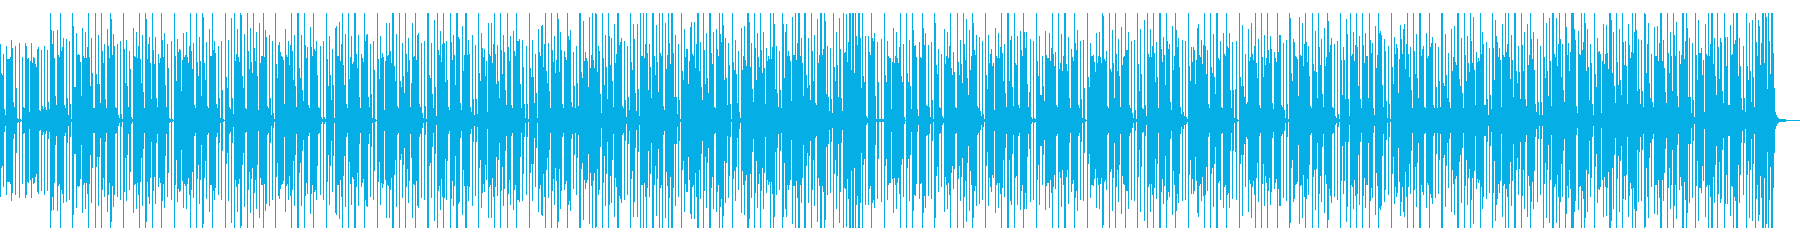 8bitでビートがメインのチップチューンの再生済みの波形